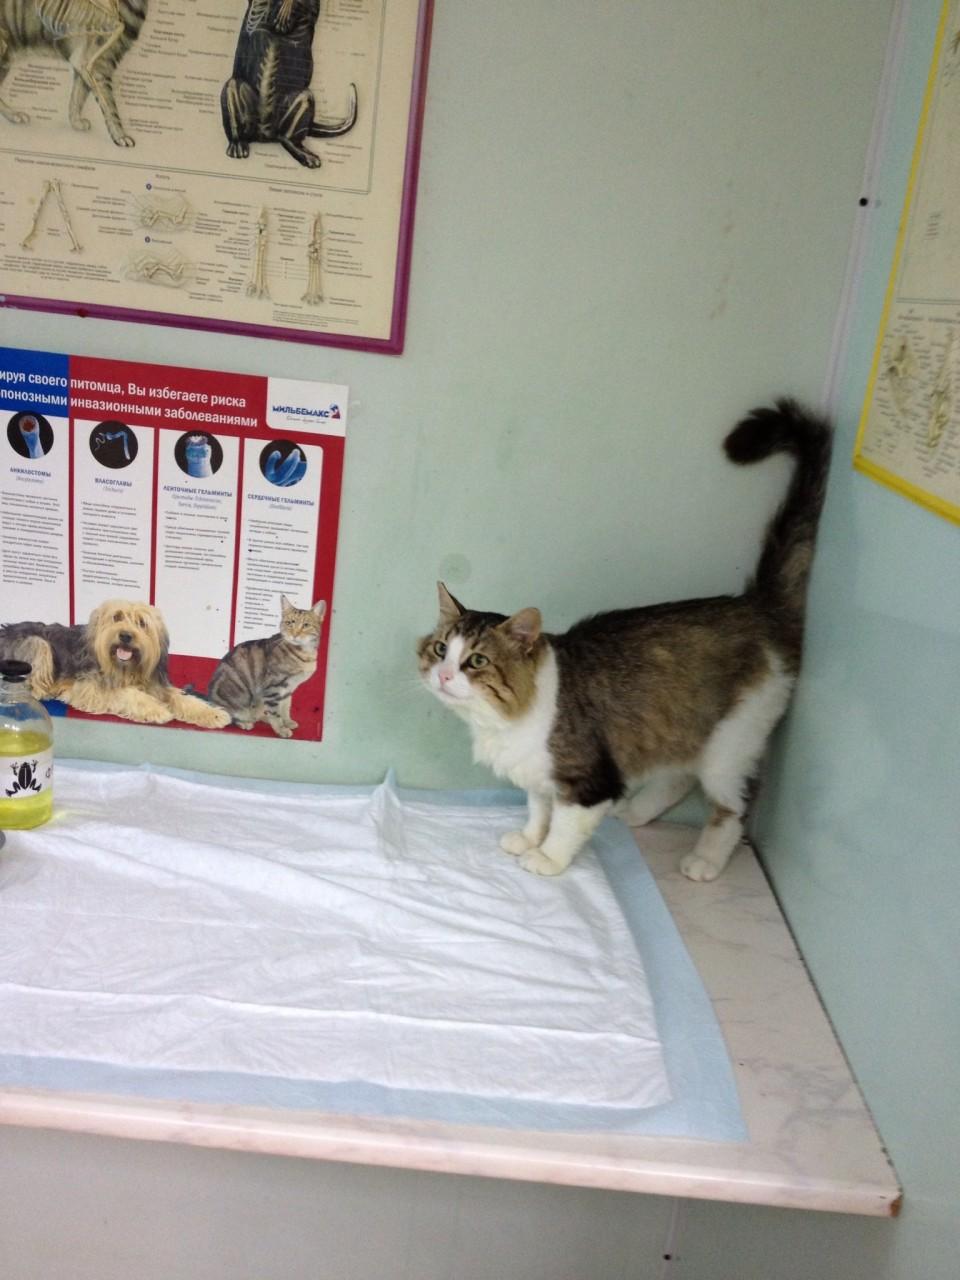 Помогите пожалуйста долечиться и передержать до октября котика Бориса после травмы глазика. Или сразу хозяин найдется.